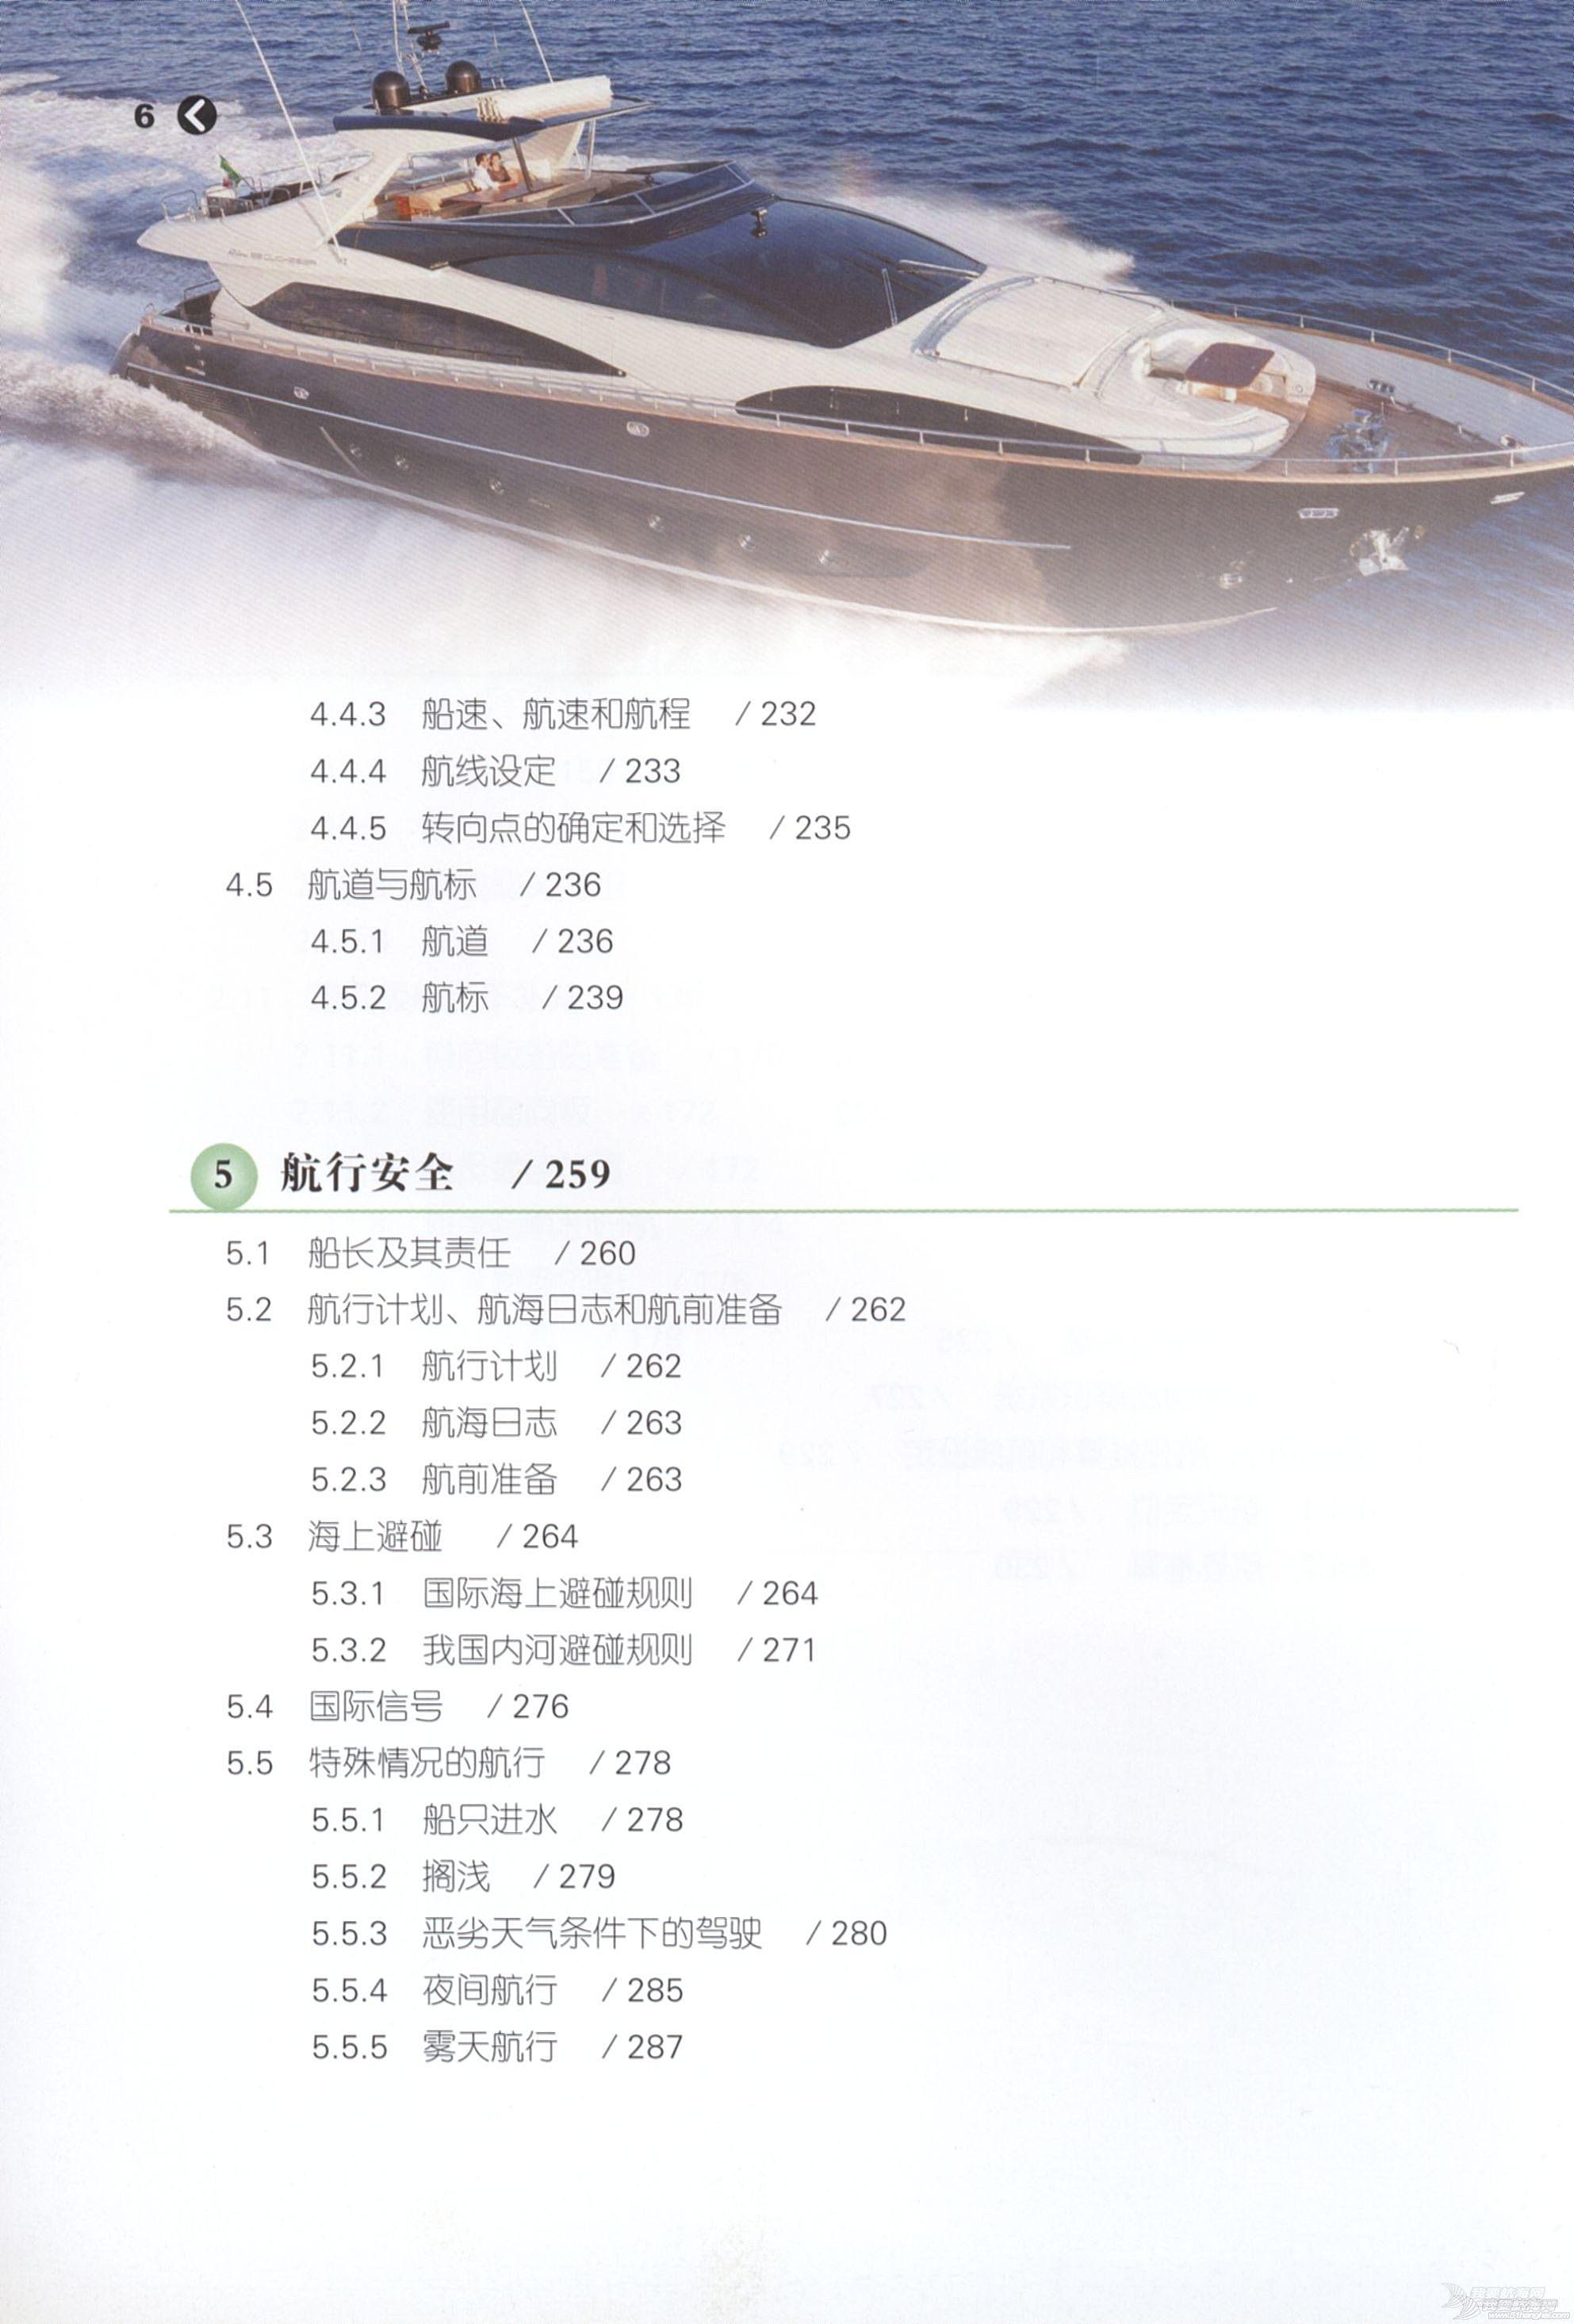 培训教材,TXT下载,帆船,技术 《游艇与帆船操作培训教材》 PDF下载 TXT下载 帆船技术 航海教材